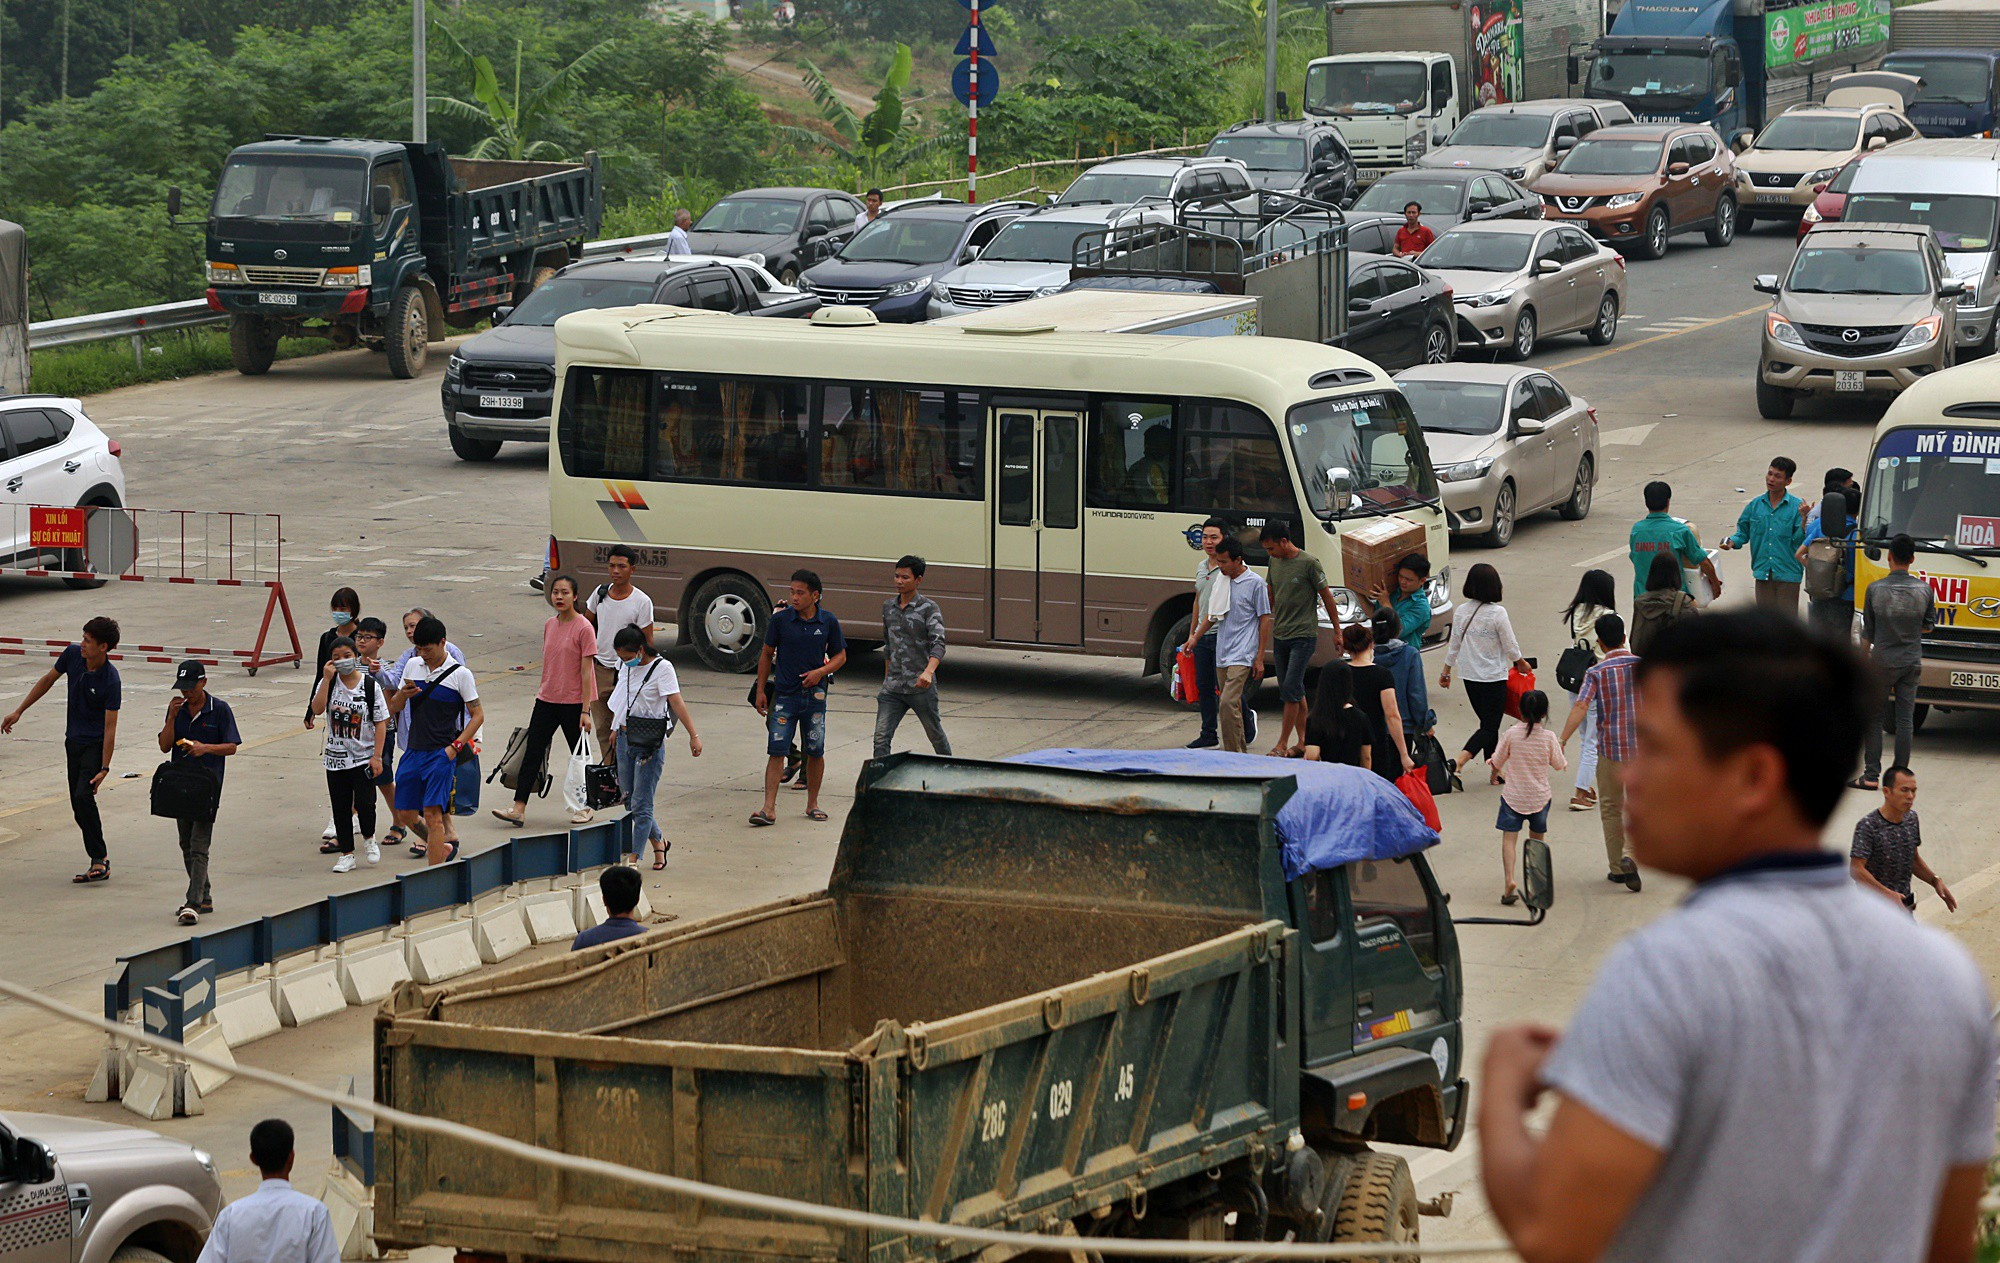 Tài xế khổ sở xếp hàng chờ, khách xuống xe đi bộ vì làn thu phí BOT Hòa Lạc - Hòa Bình bị chặn - Ảnh 10.